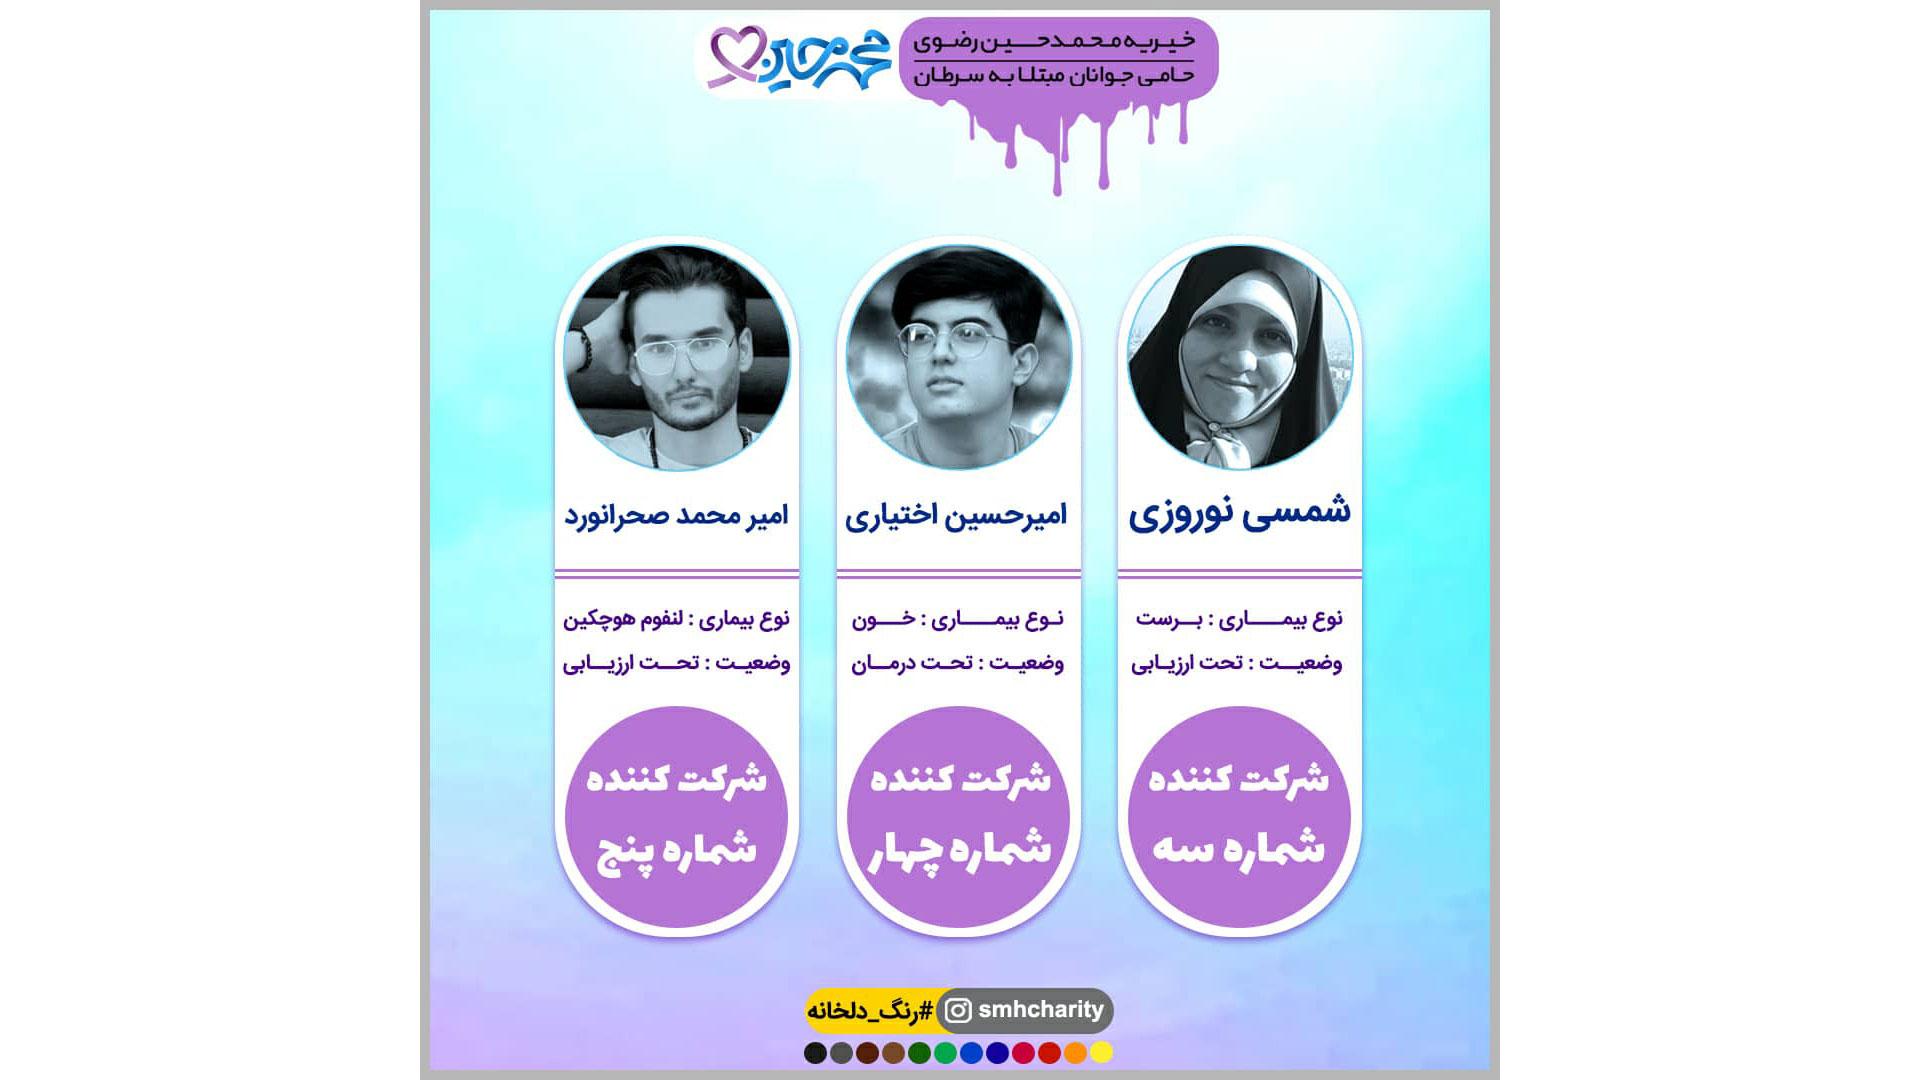 در ادامه ی مسابقه صداپیشگی دلخانه